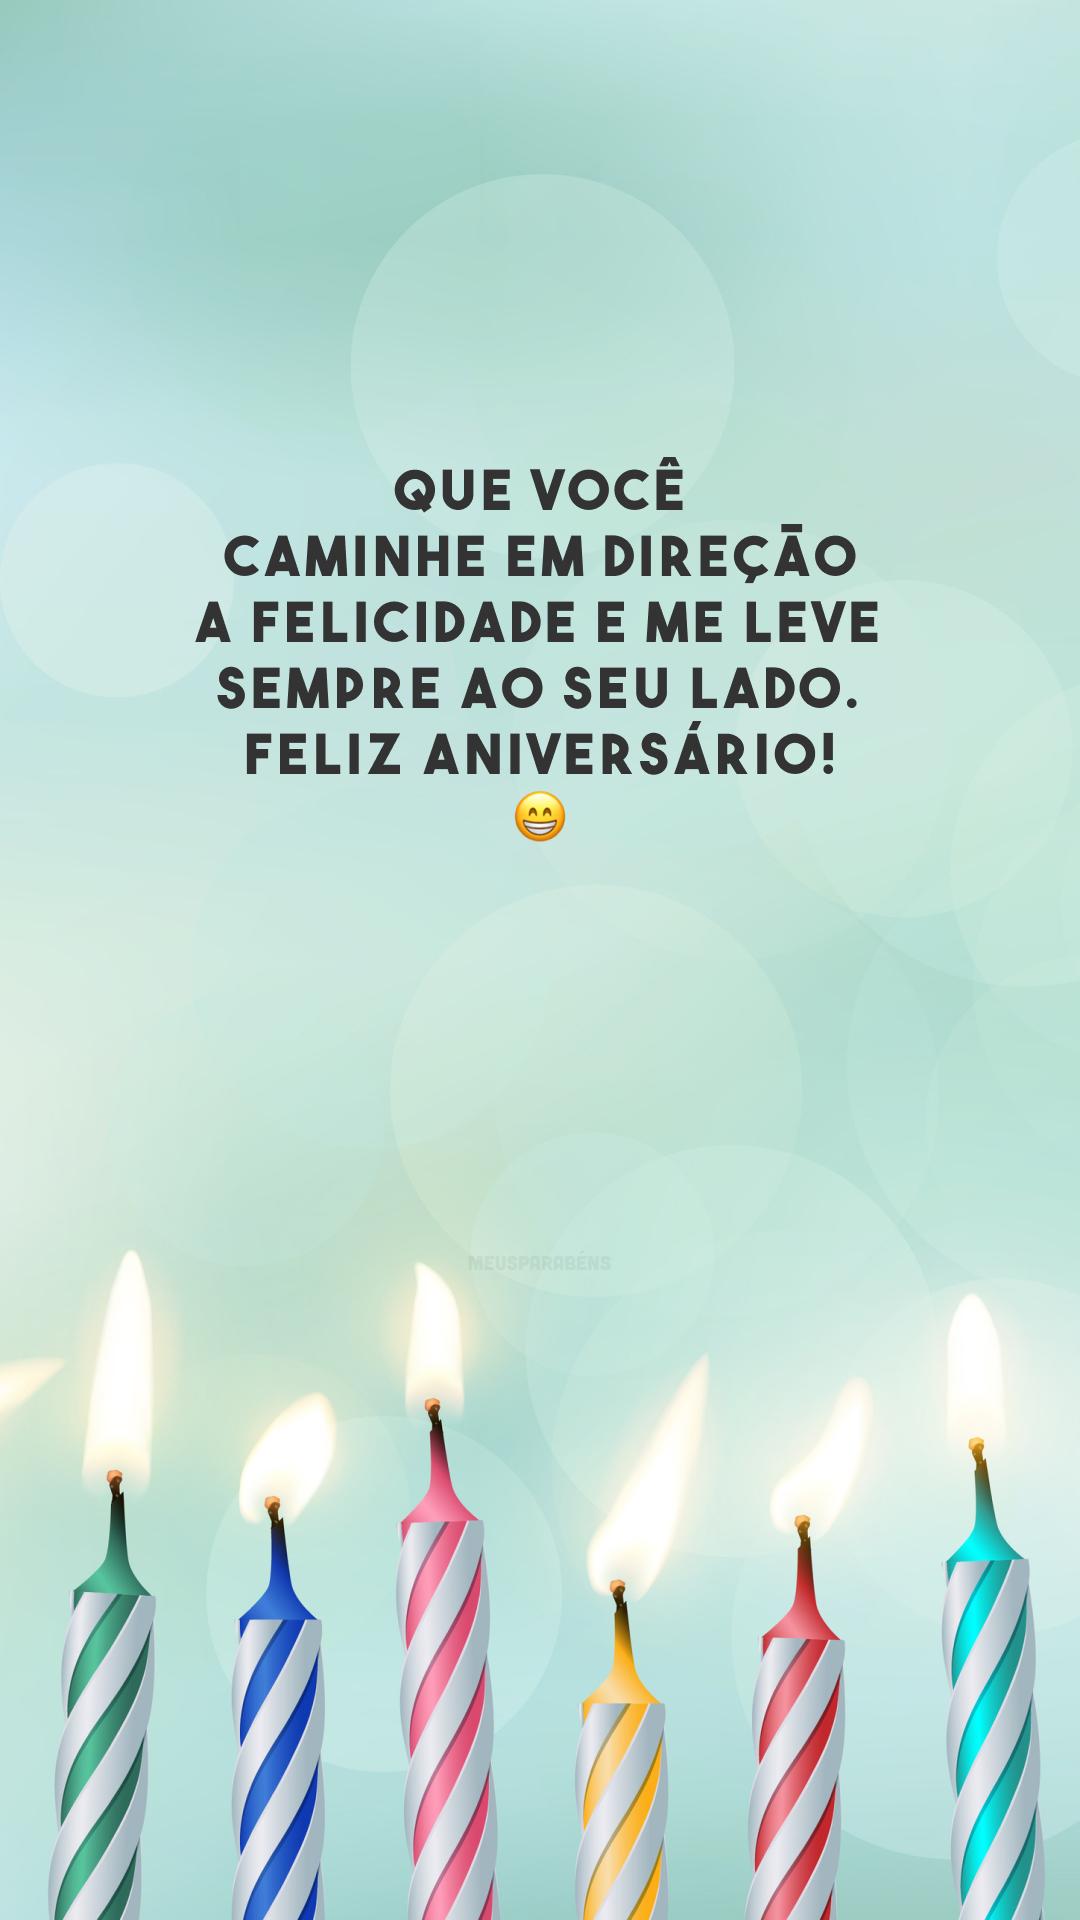 Que você caminhe em direção a felicidade e me leve sempre ao seu lado. Feliz aniversário! 😁